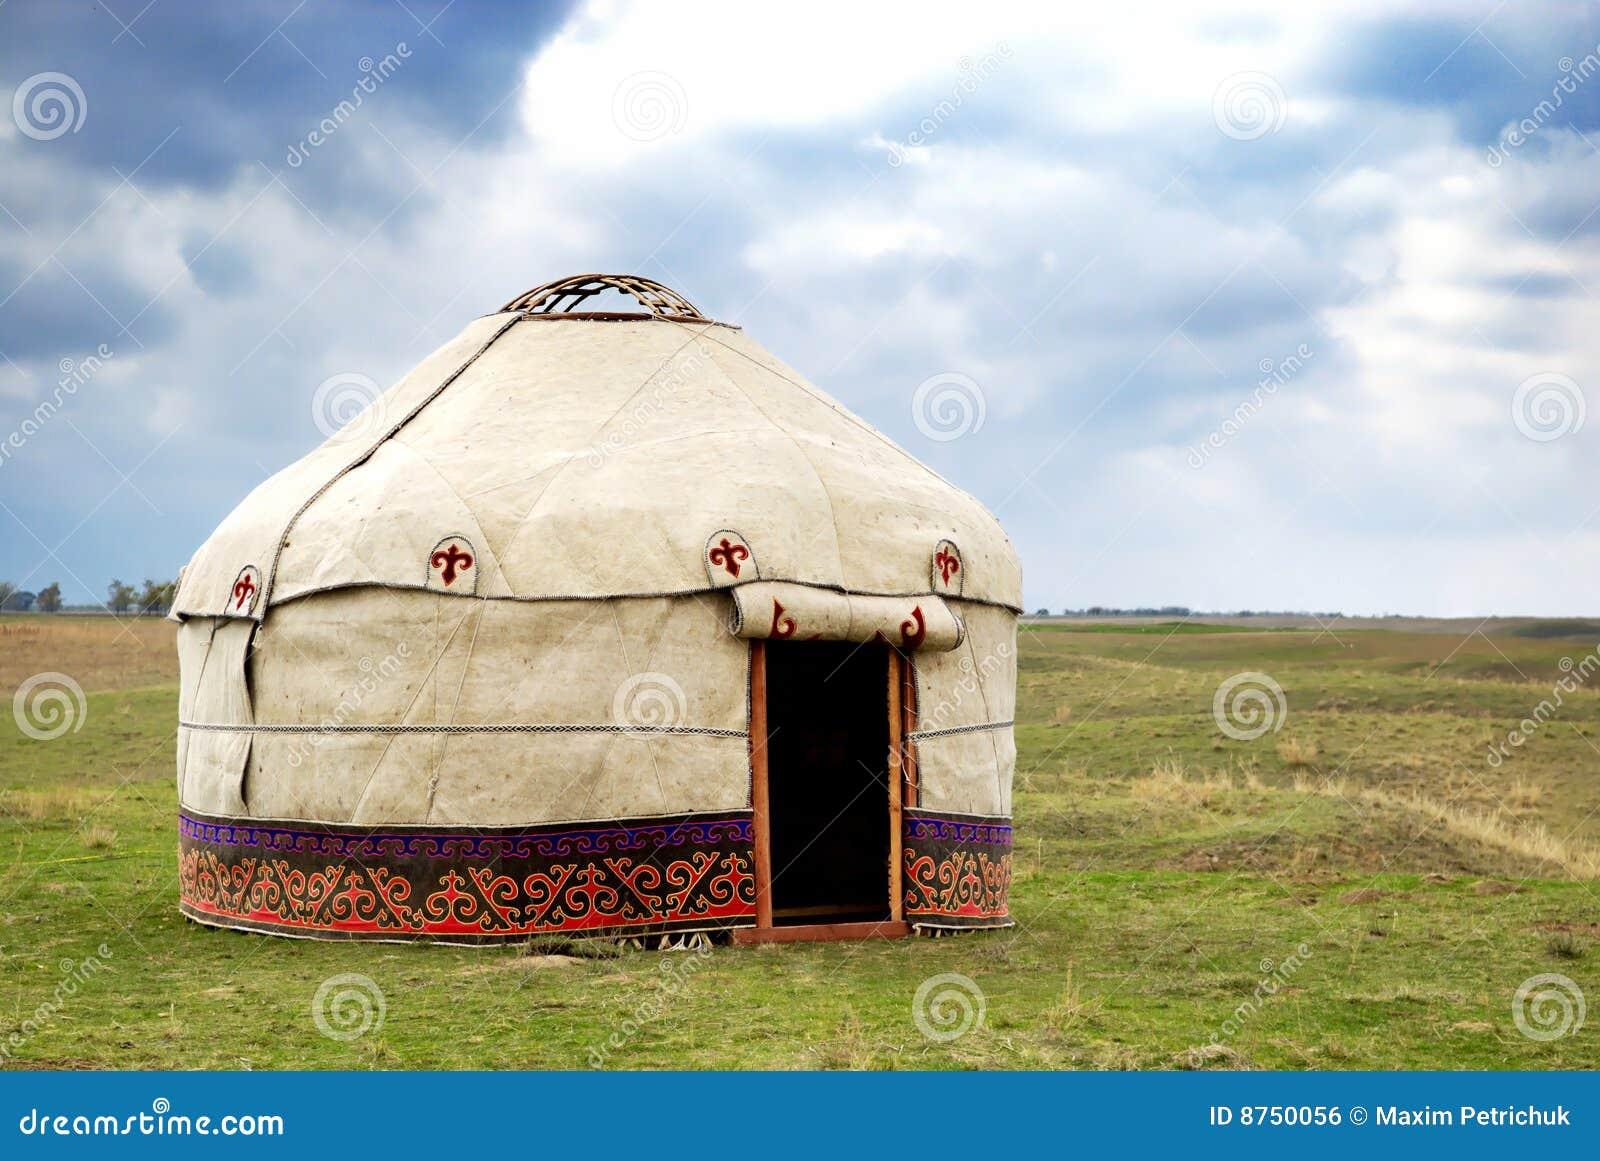 Yurt - Zelt des Nomaden